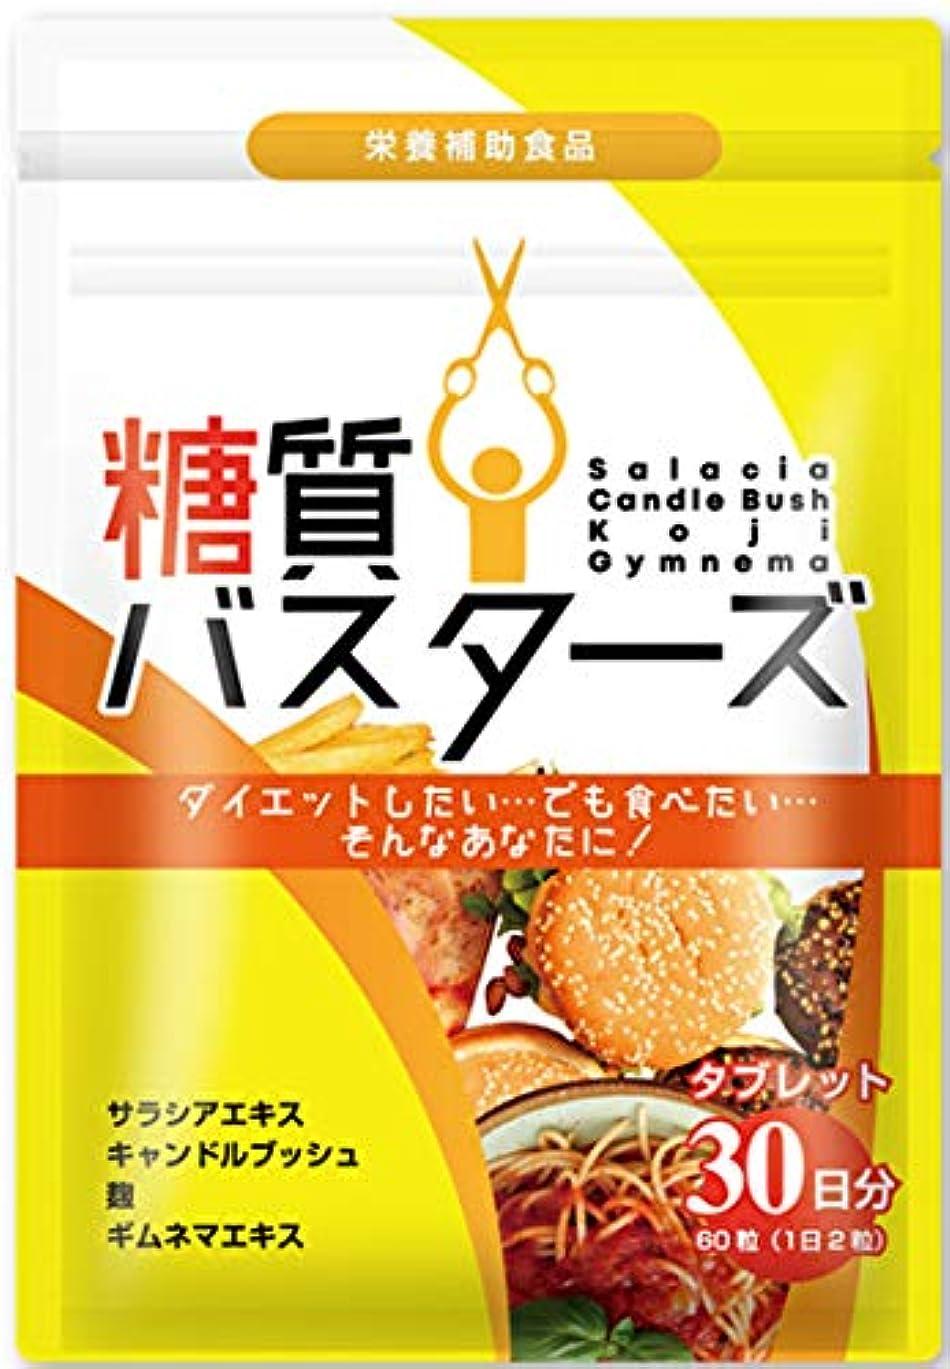 スペインスポットガイダンス糖質バスターズ (30日分)ダイエットサプリ 糖質オフ 糖質カット 糖質制限 脂肪燃焼 ダイエット サラシア サプリ 糖質ダイエット